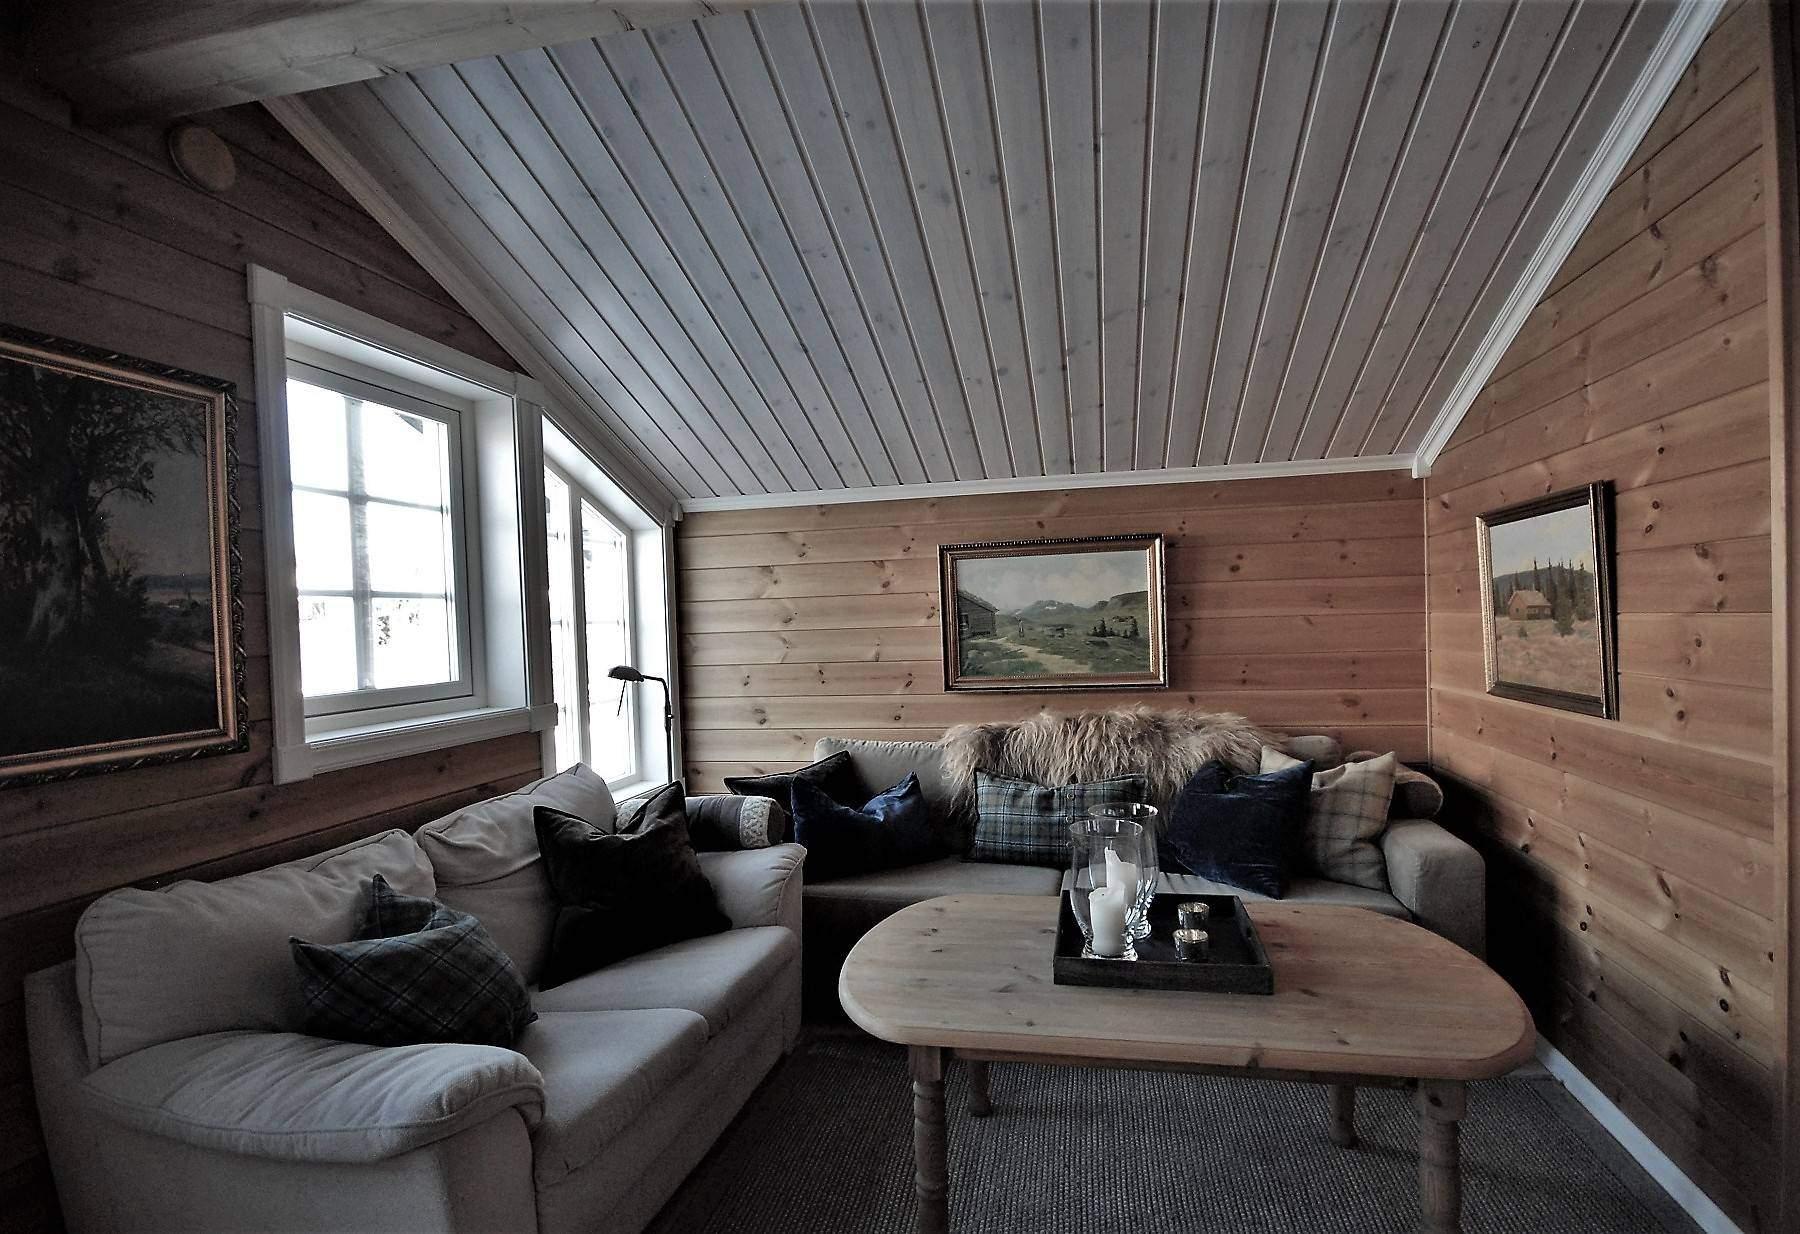 142 Hyttemodell Skeikampen 141. Stua på loftet